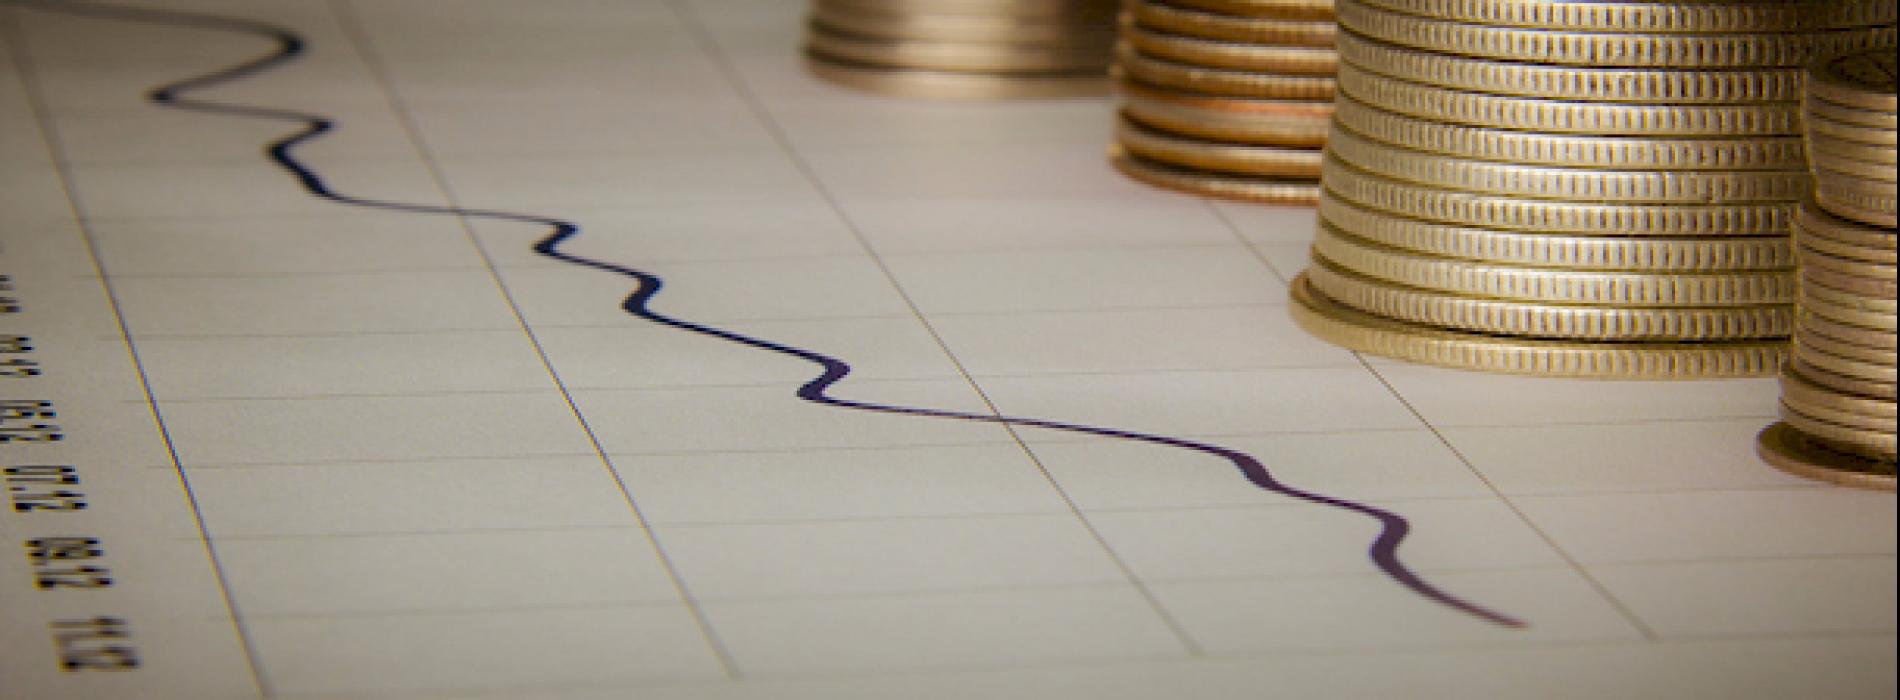 Ziraat Bankası Başak Hesap Nedir, Hesap Kapatma Nasıl Yapılır?